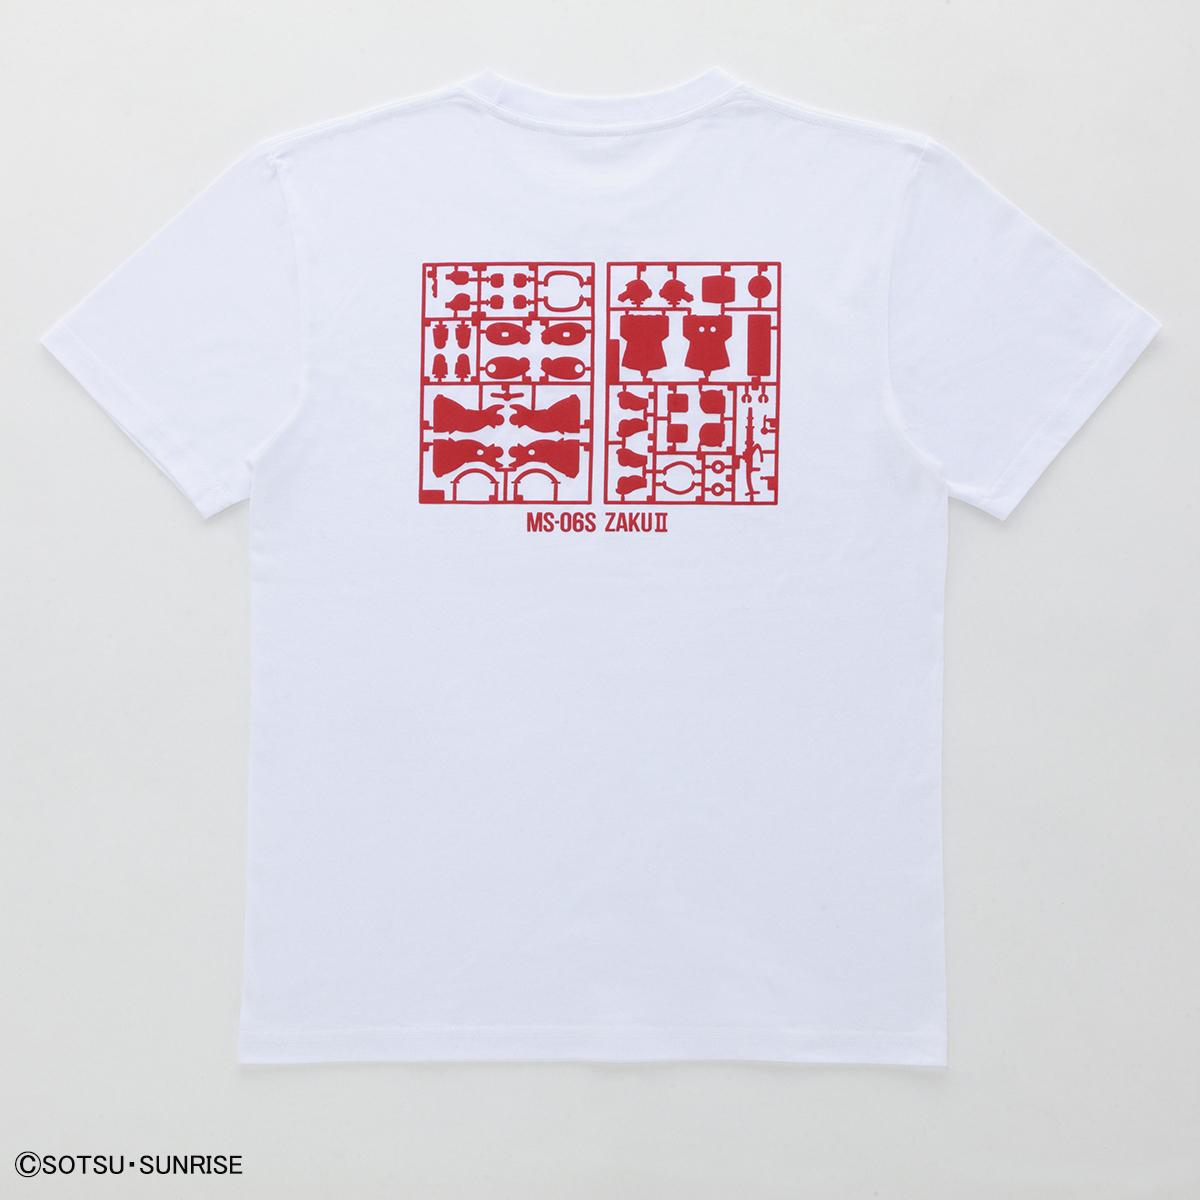 機動戦士ガンダム ガンプラ ランナー Tシャツ MS-06S シャアザク 白赤 商品画像